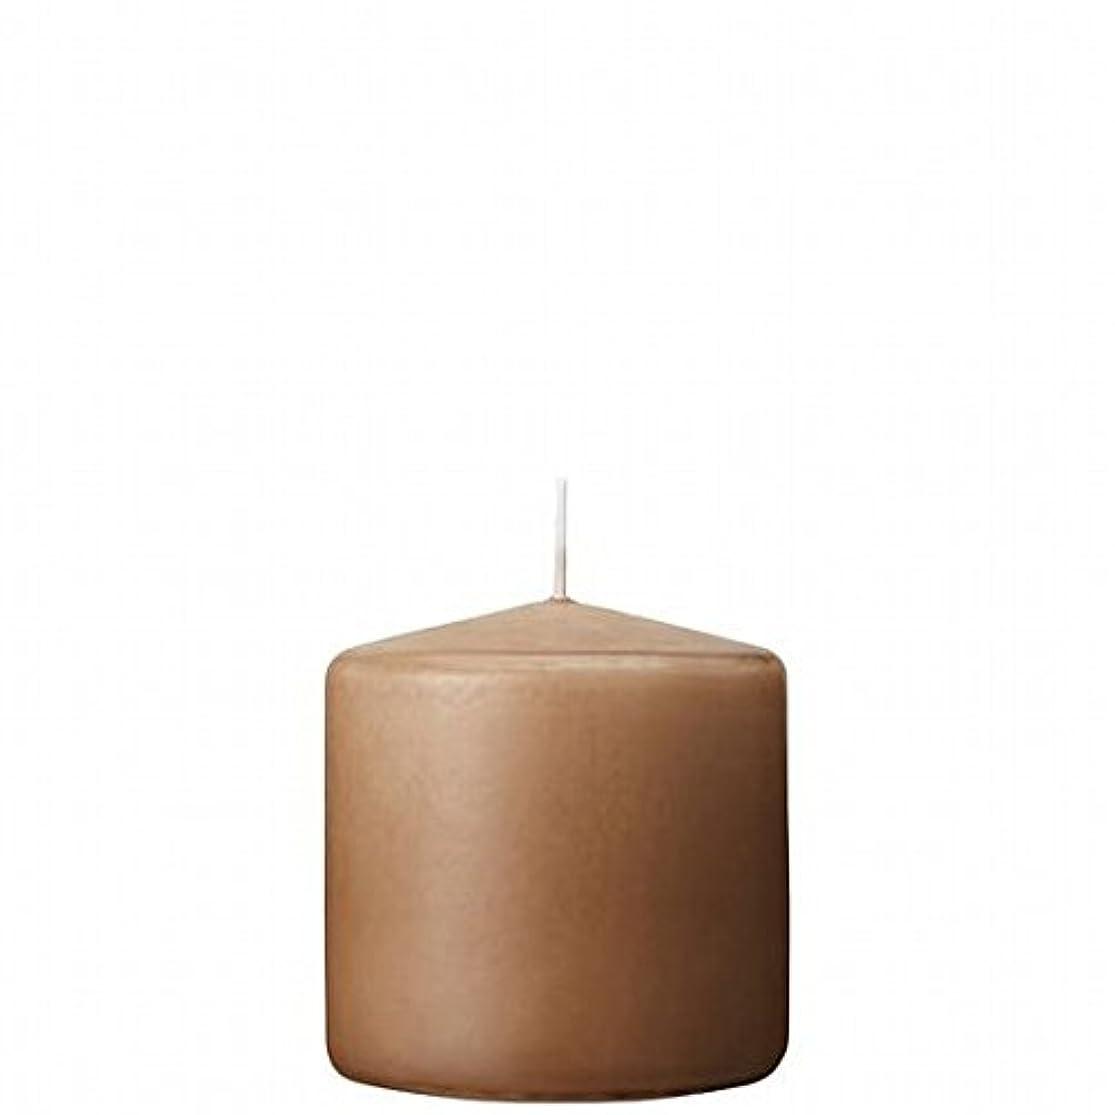 有料漏れ慣性kameyama candle(カメヤマキャンドル) 3×3ベルトップピラーキャンドル 「 モカ 」(A9730000MO)